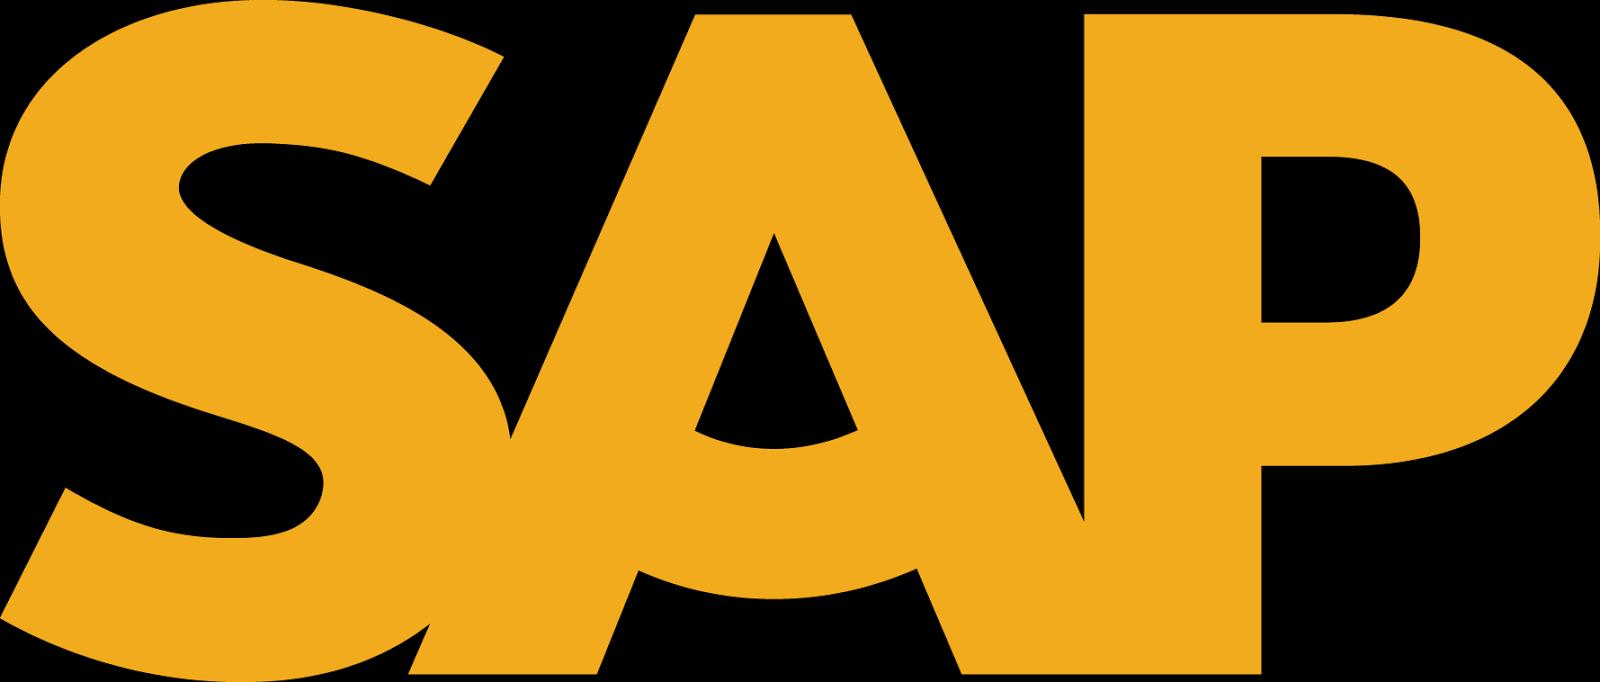 Новый логотип SAP